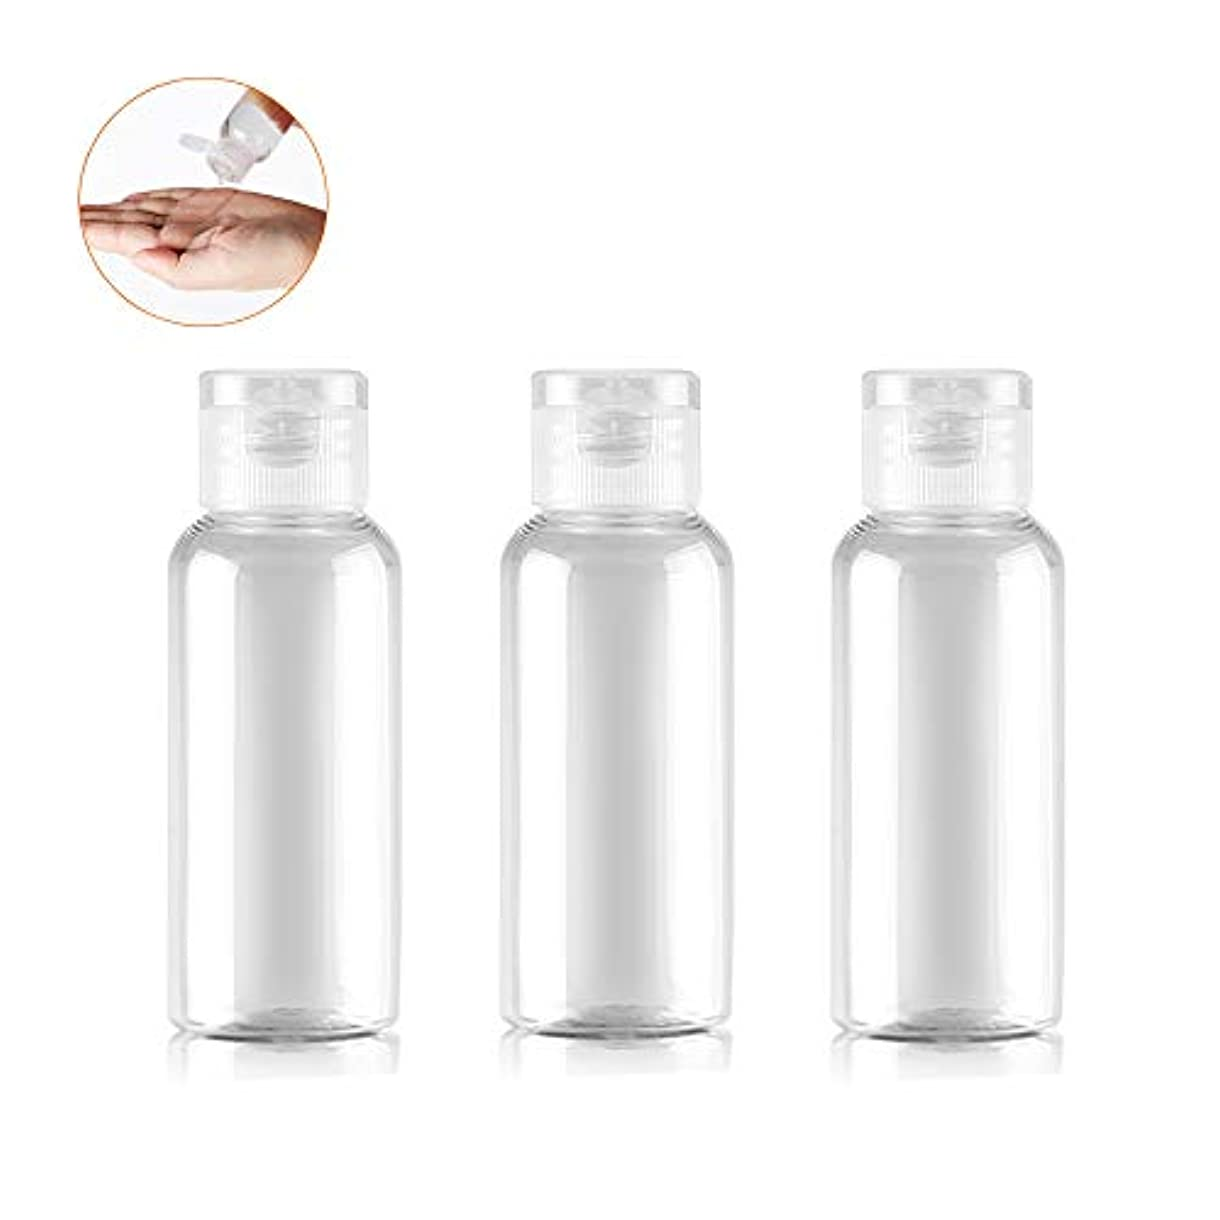 用心文運営小分けボトル トラベルボトル 3本セット プッシュタイプ 小分け容器 化粧水 精製水 詰替ボトル 旅行用 (A)